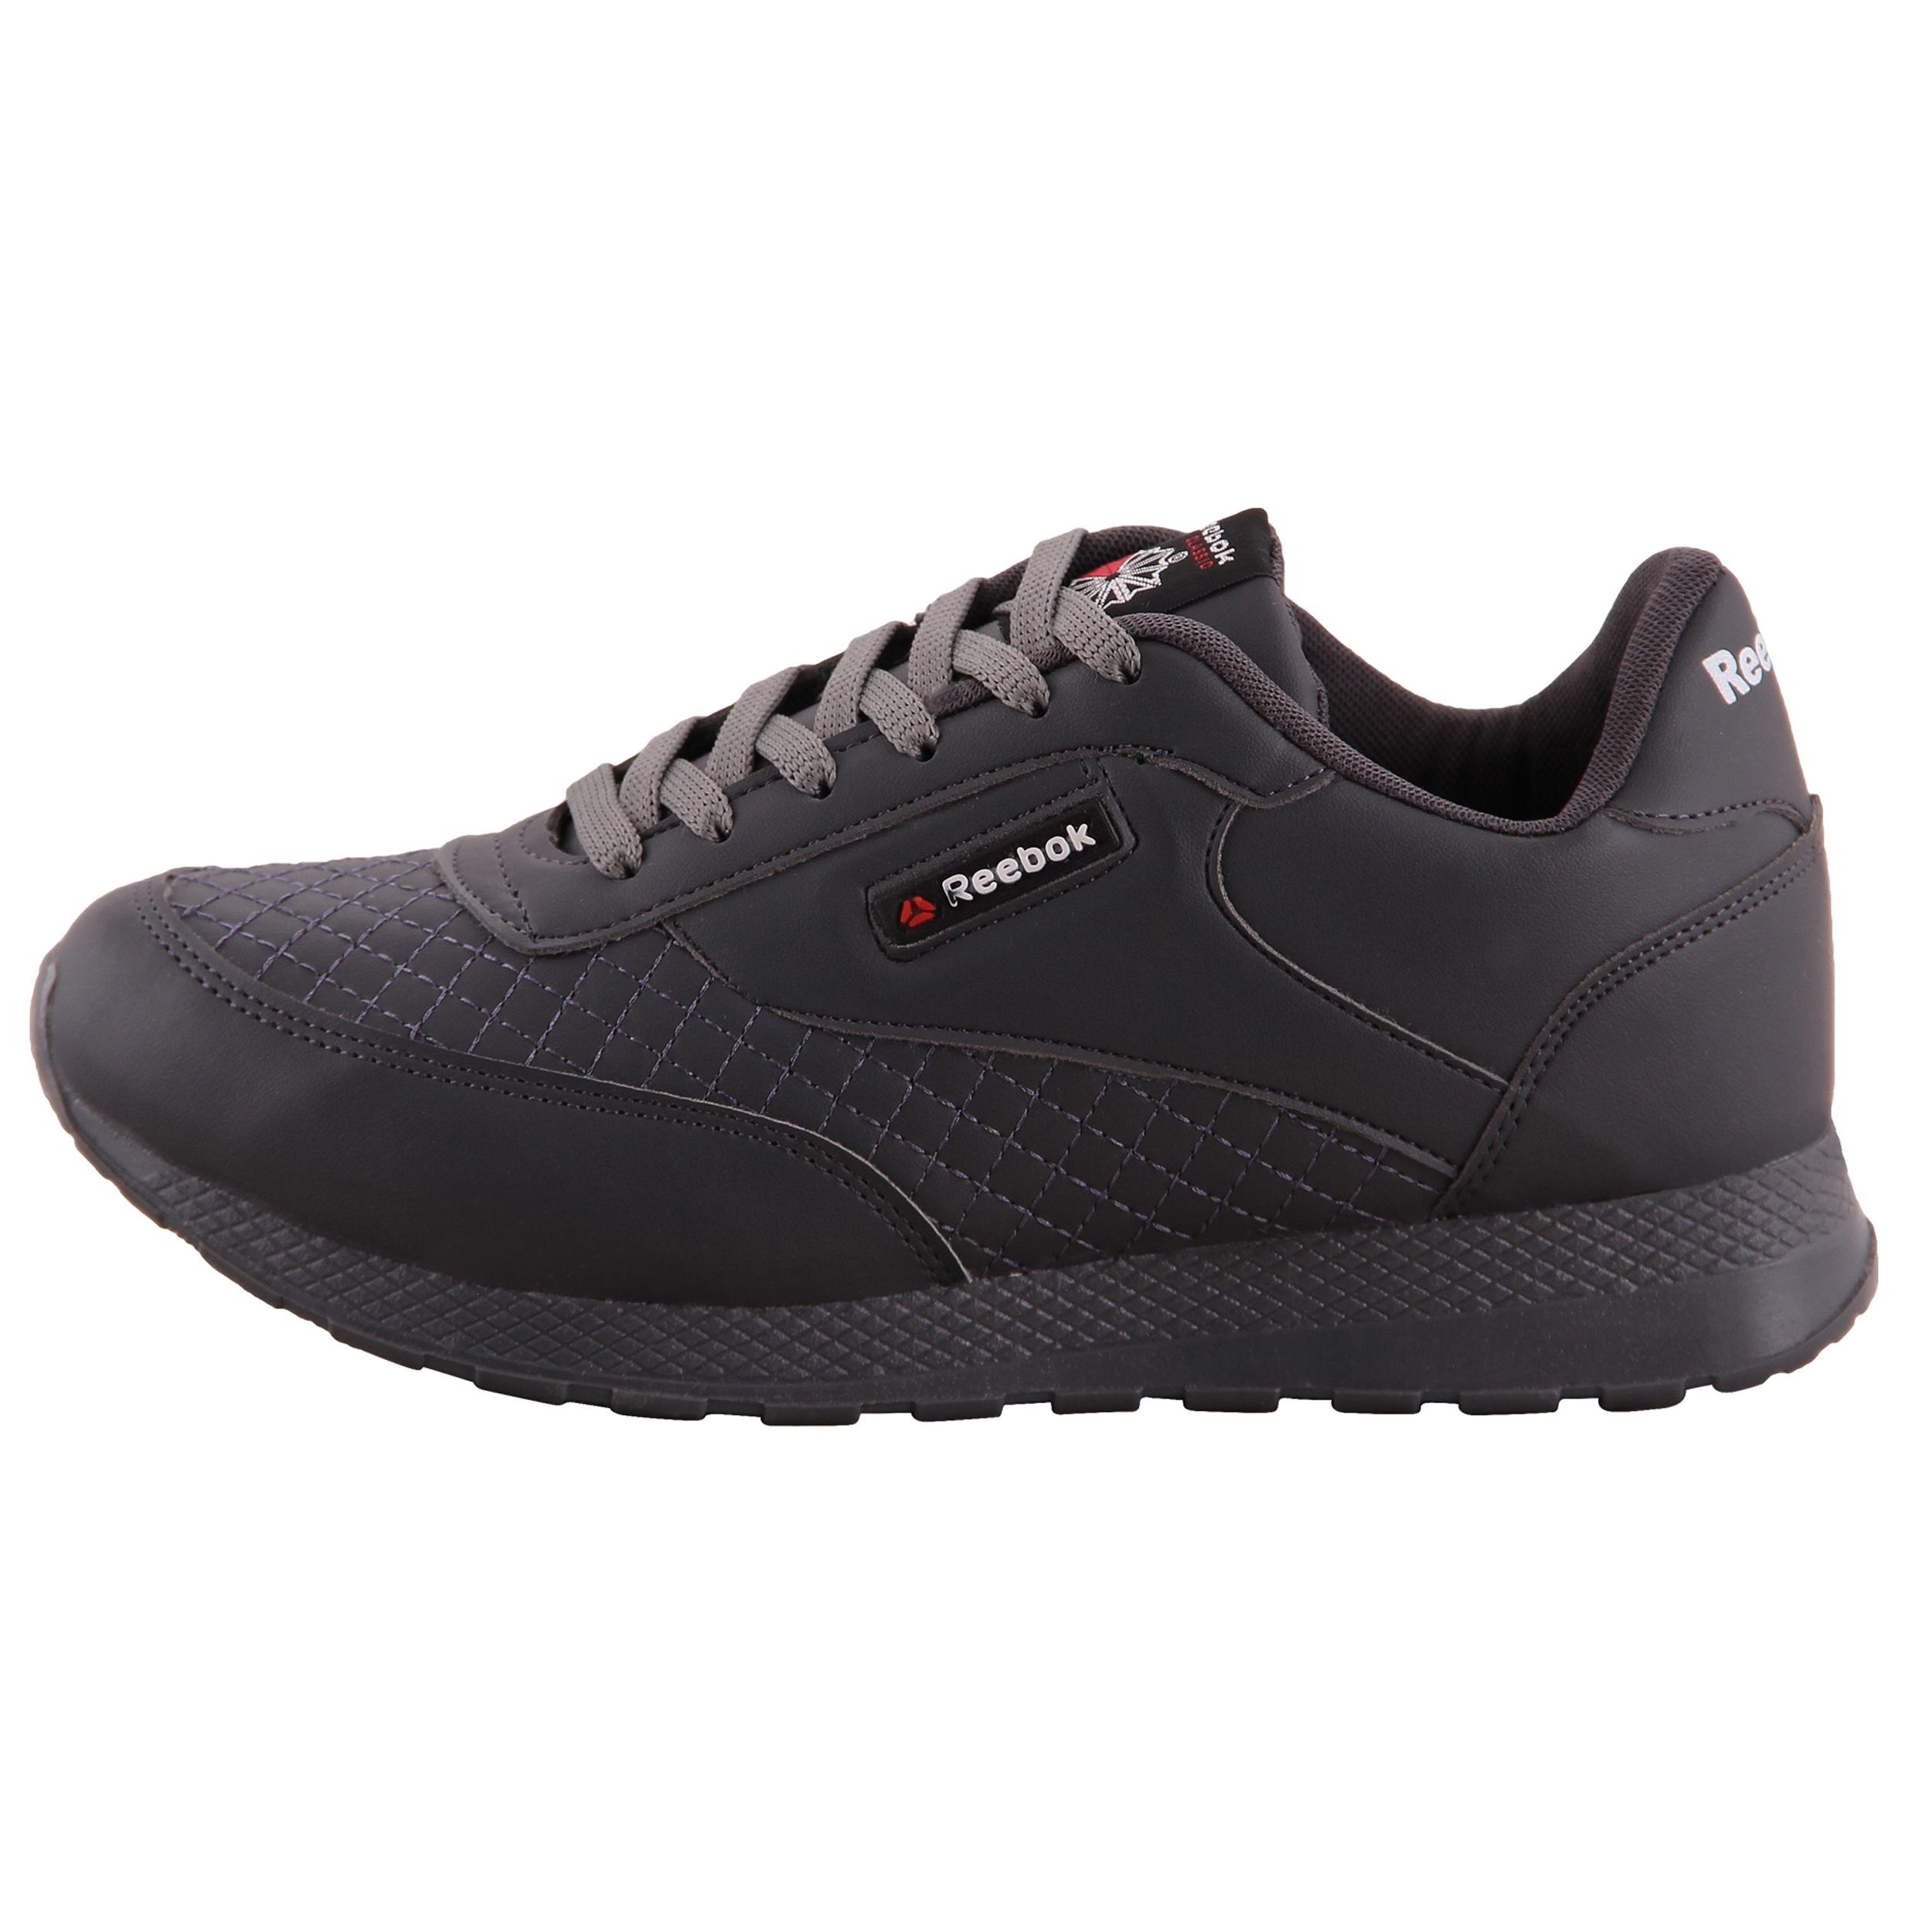 کفش مخصوص پیاده روی مردانه کد 21-39801